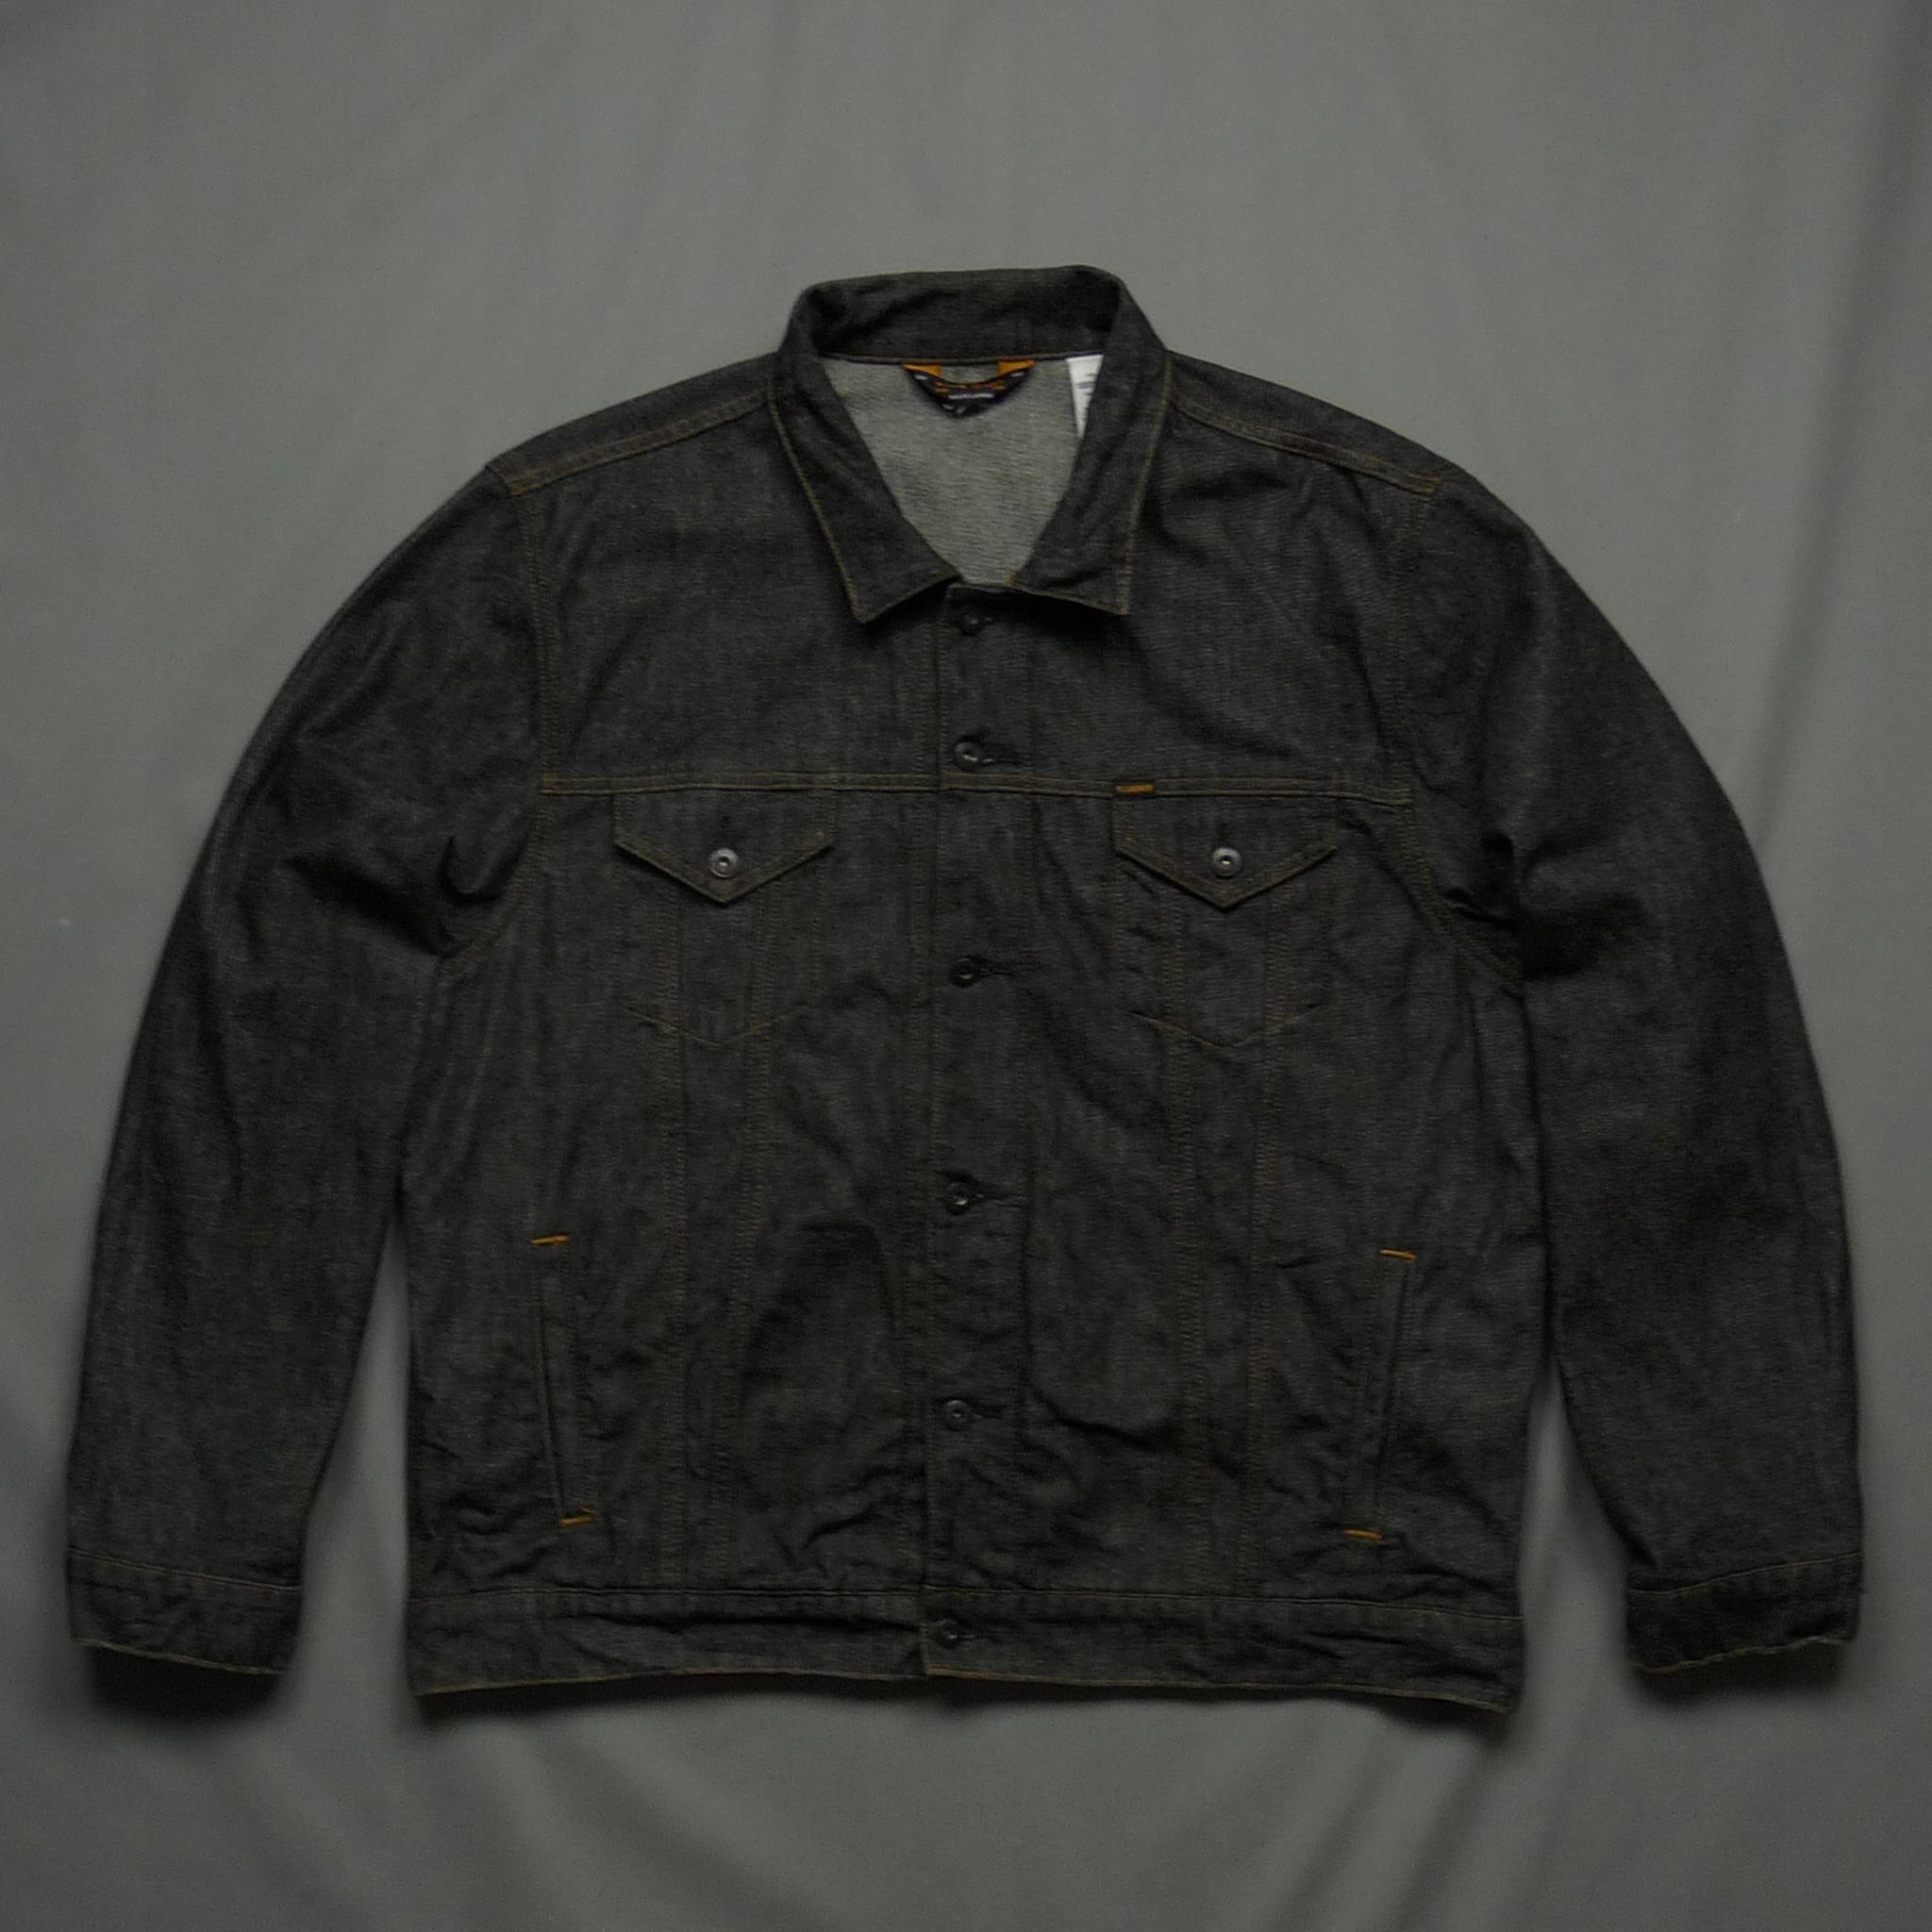 RALPH LAUREN czarna kurtka jeansowa z logo XXL